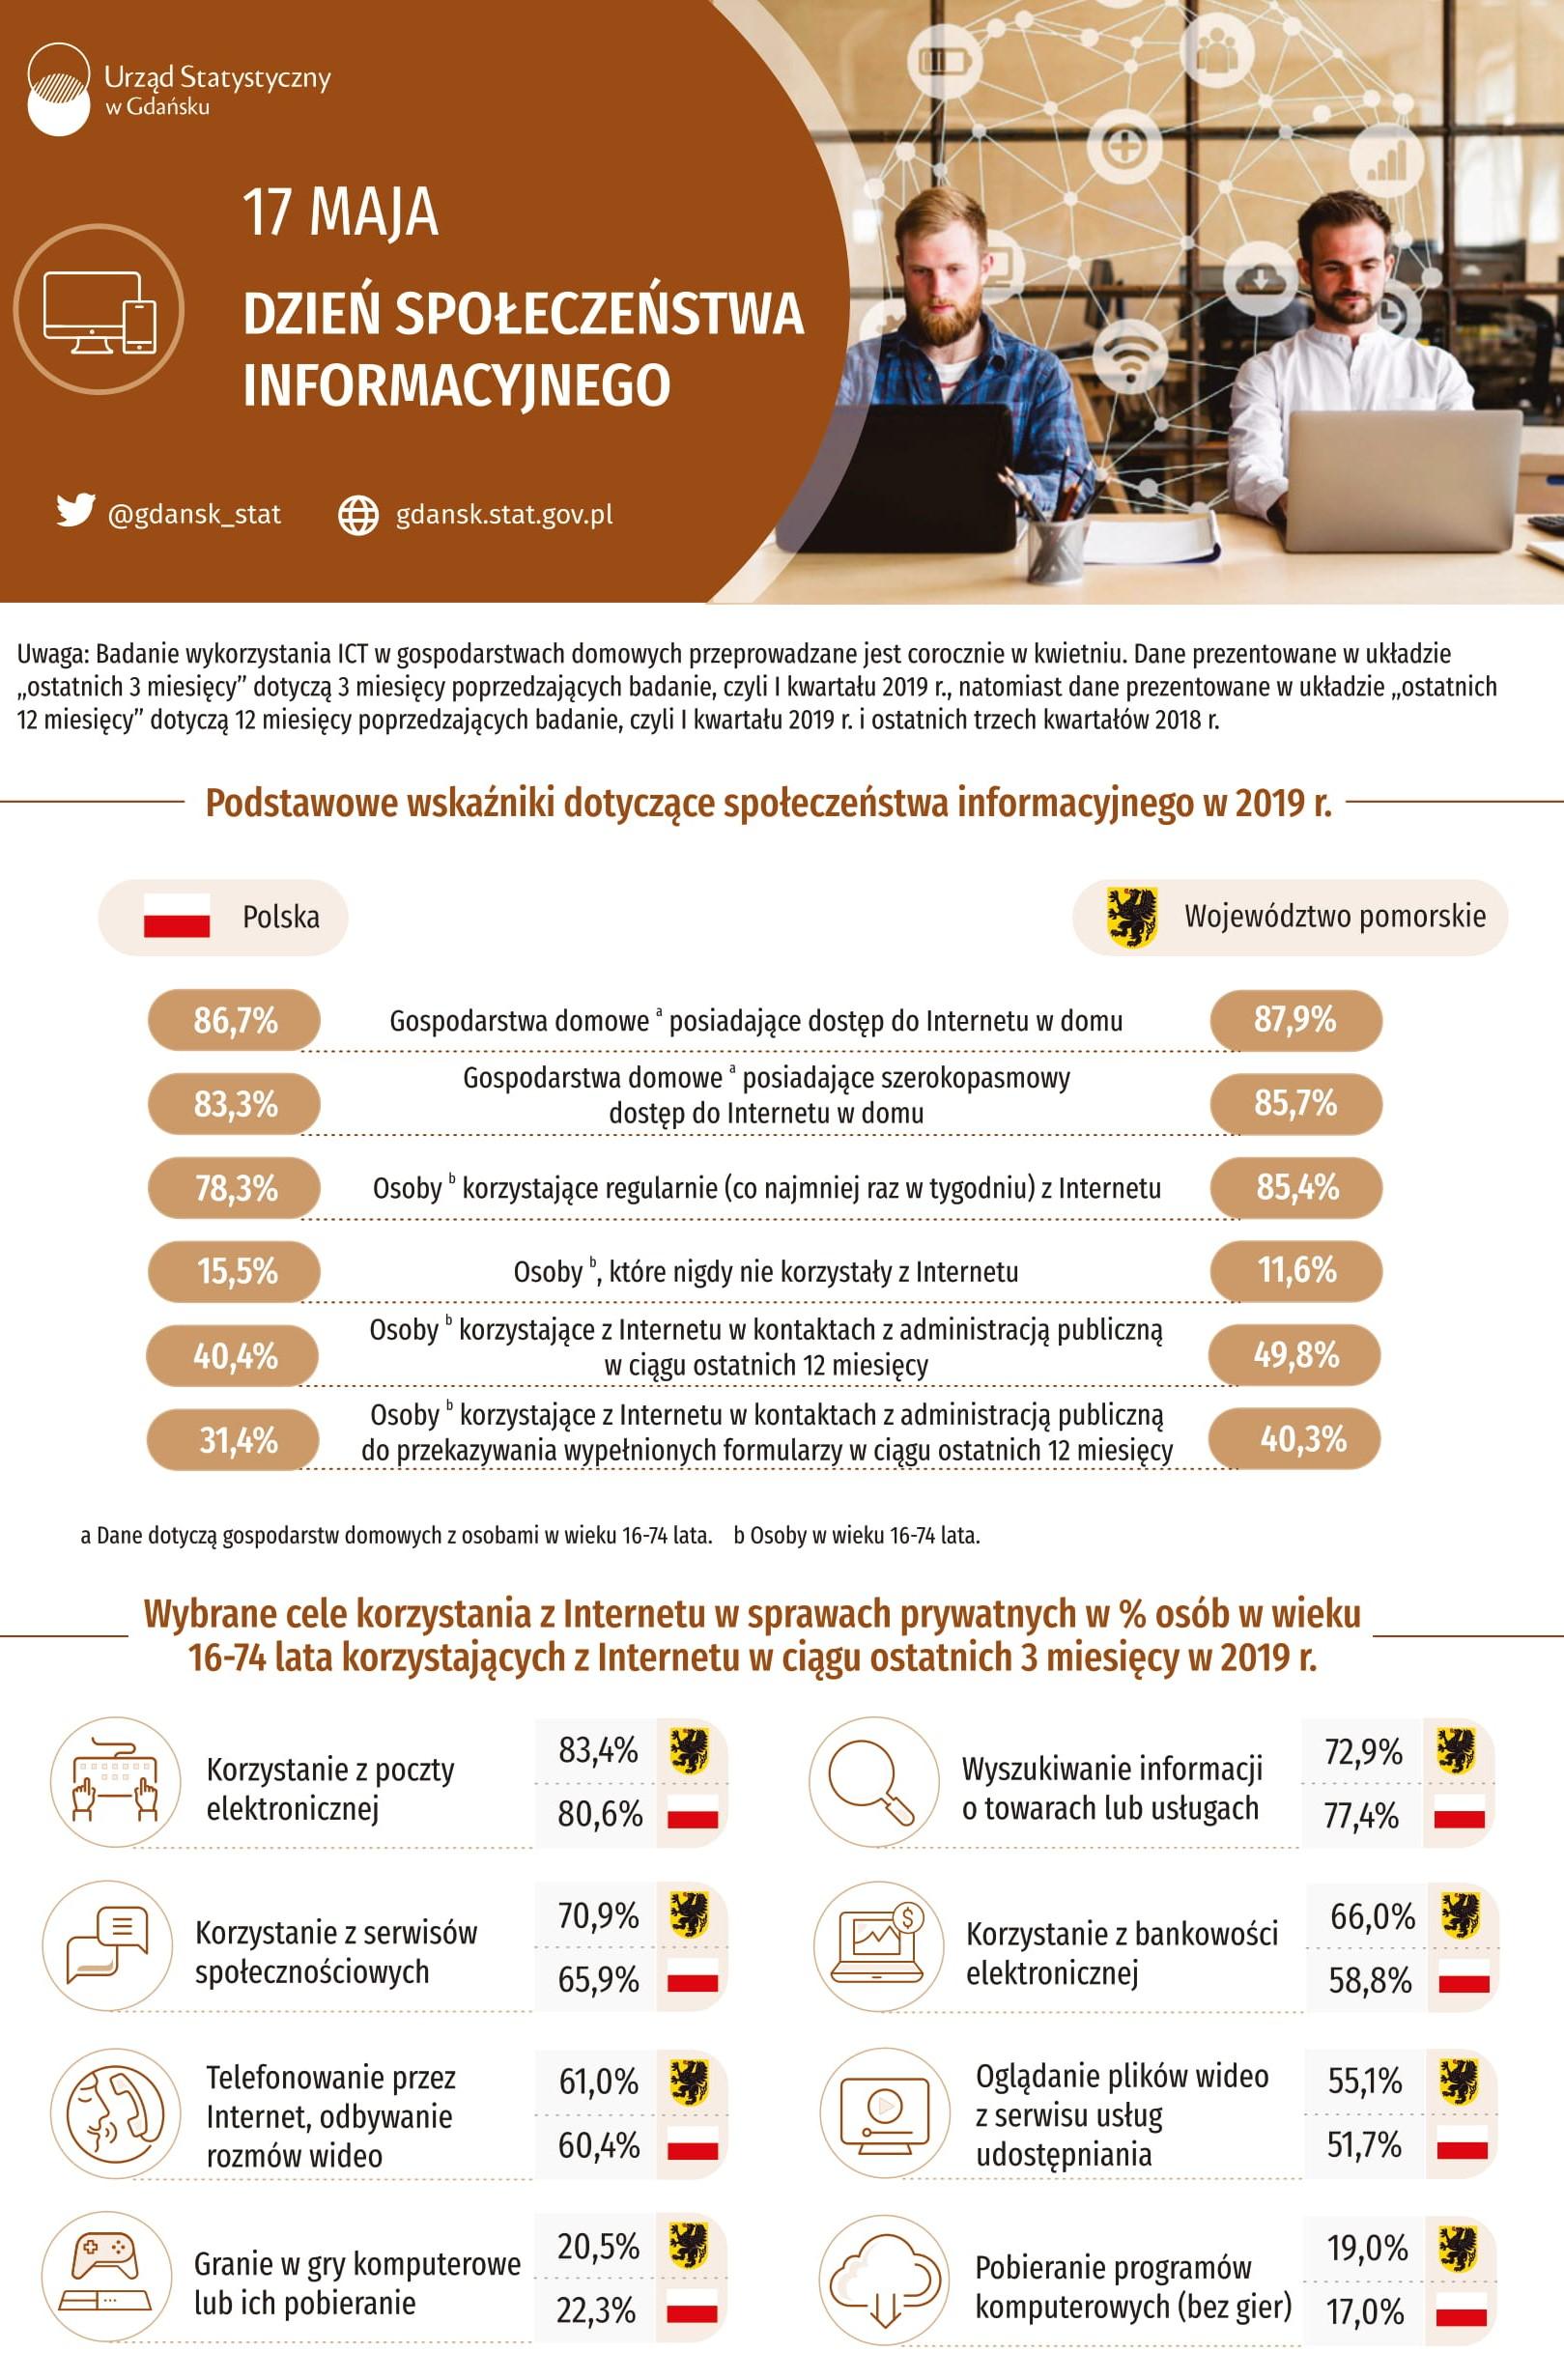 infografika część pierwsza